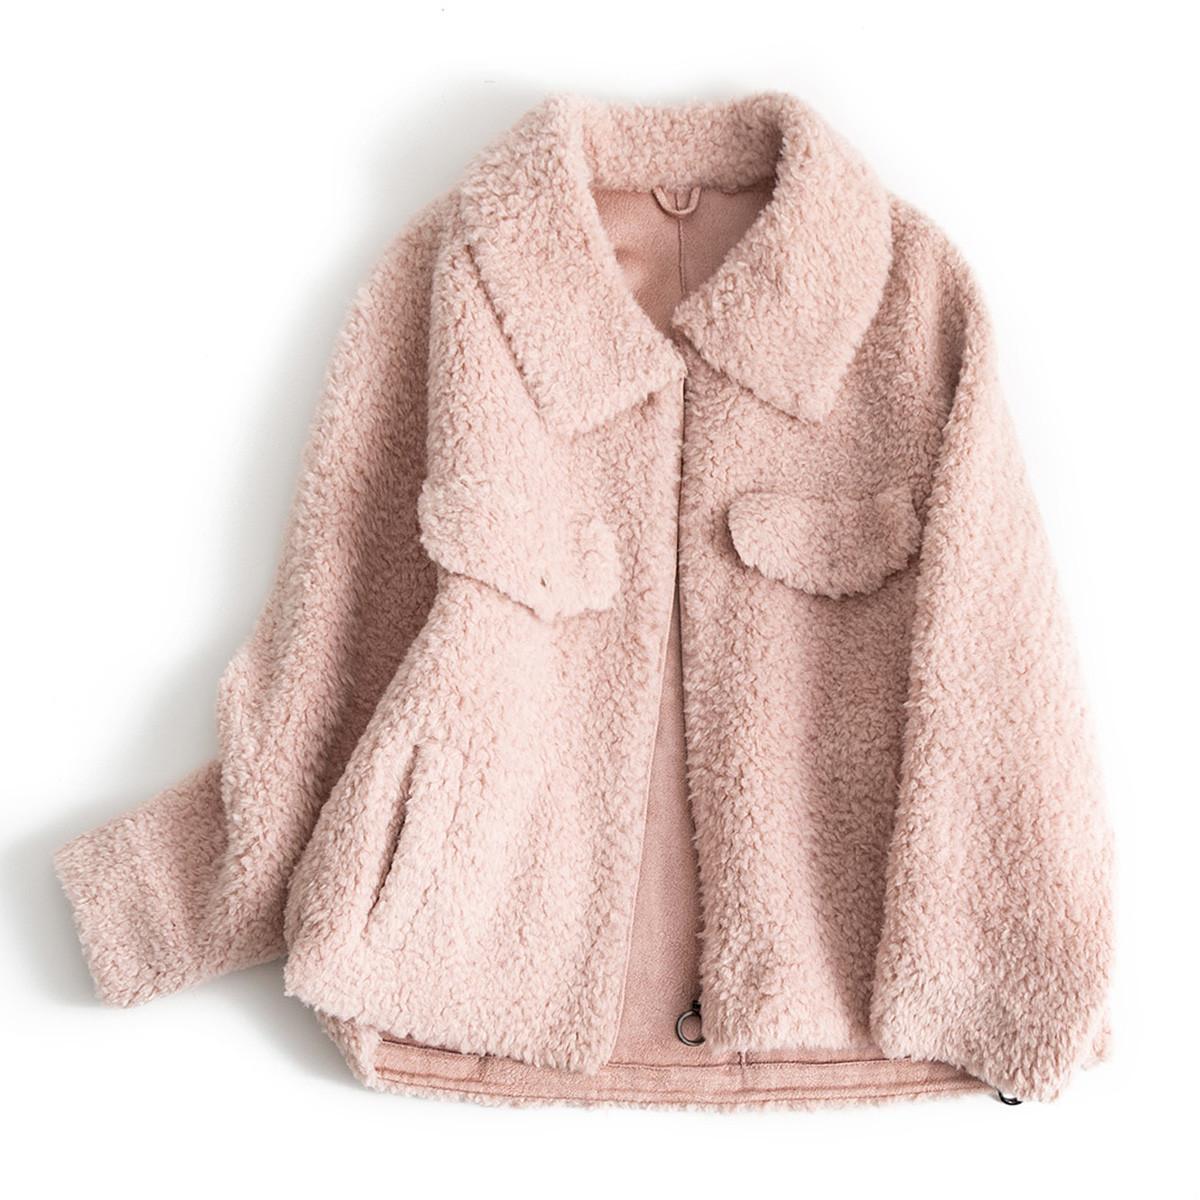 艾莱莹2019秋冬新款宽松纯色通勤气质保暖中长款女式羊剪绒颗粒大衣H1981286086